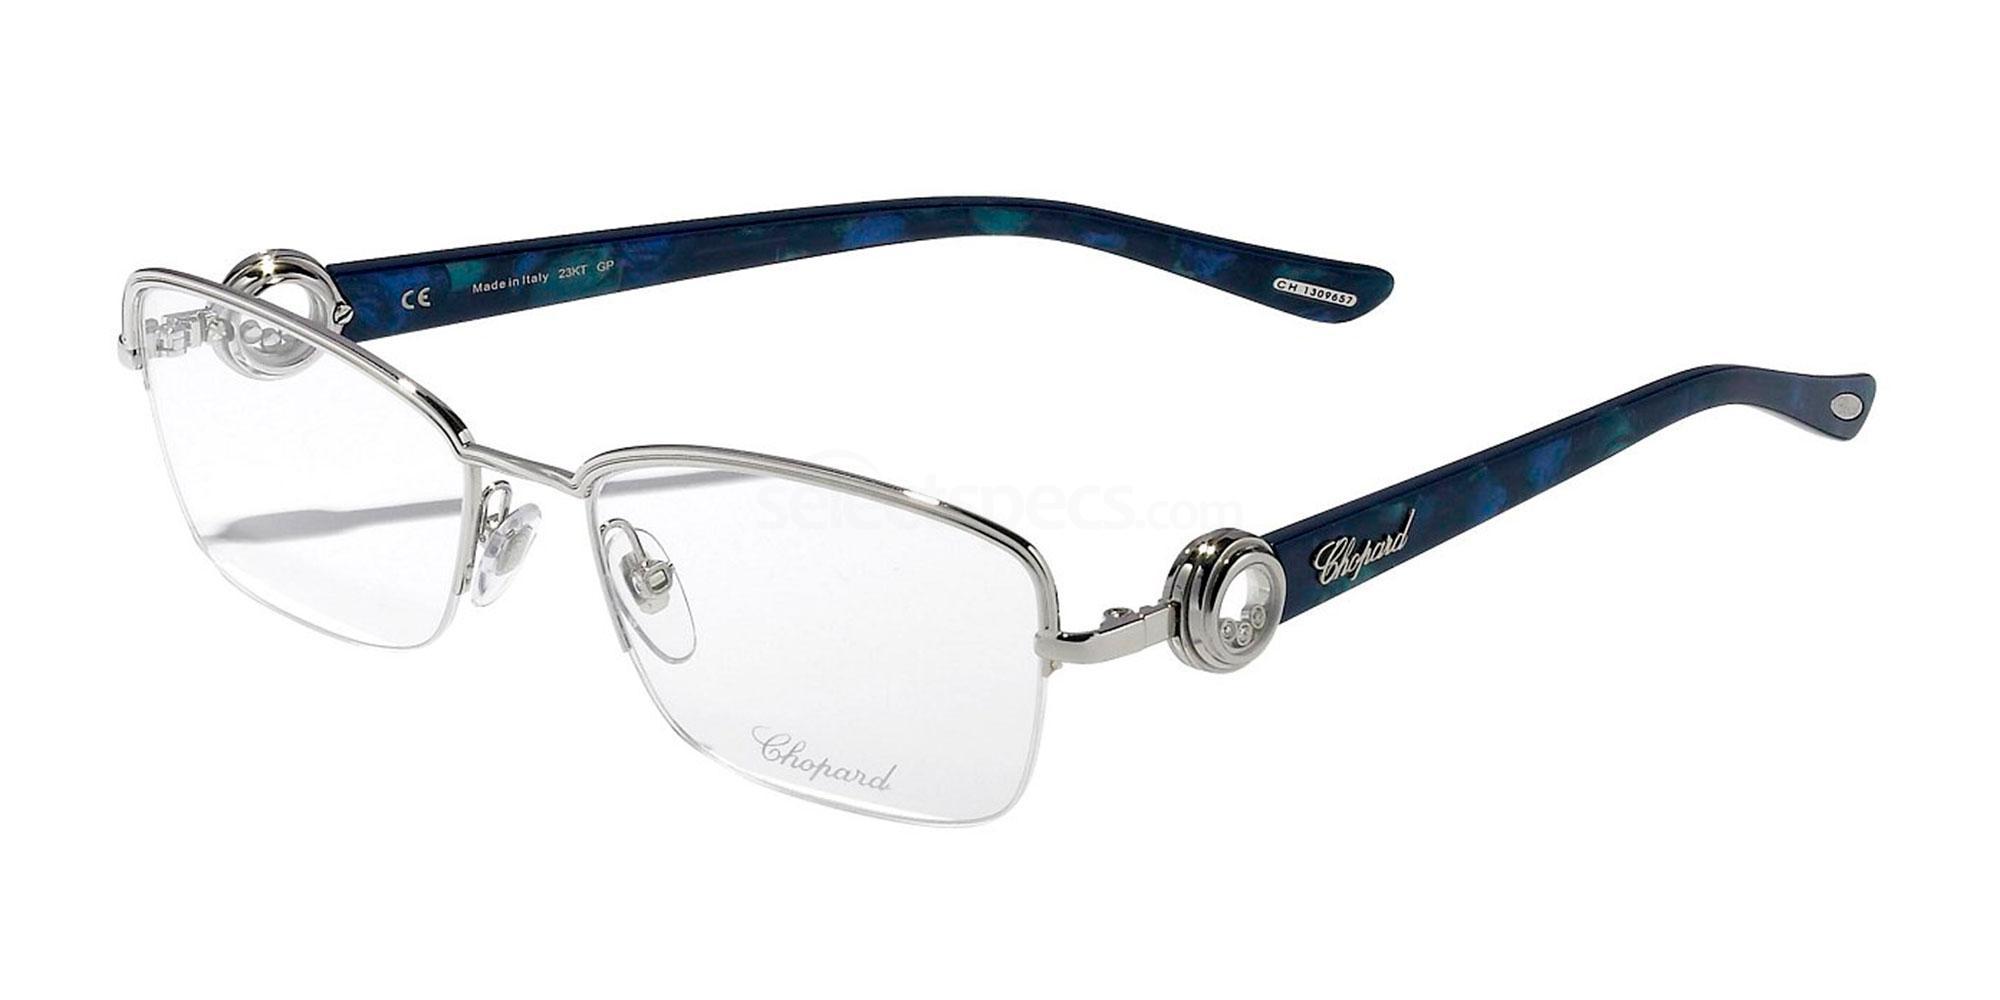 0579 VCHA37S Glasses, Chopard